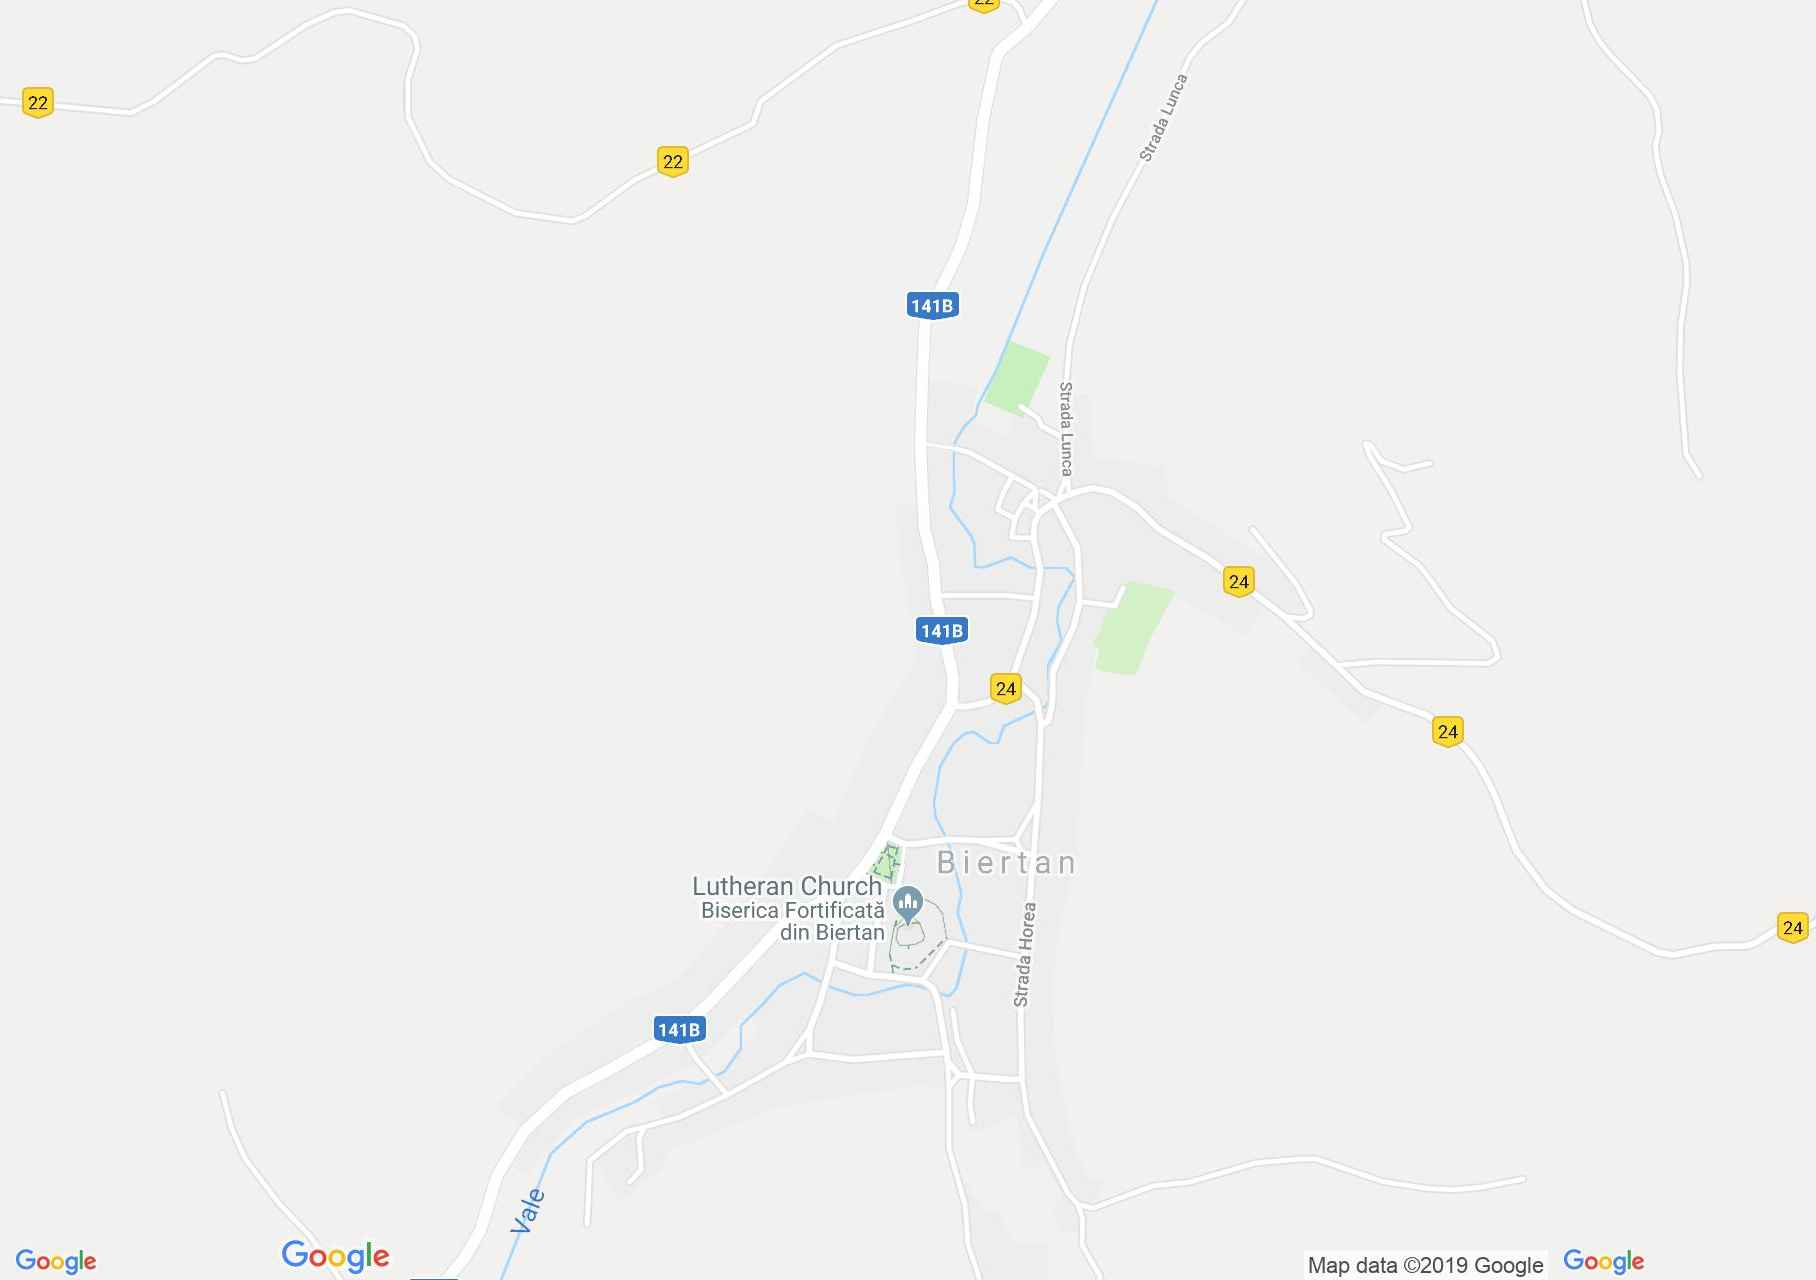 Hartă Biertan: Biserica evanghelică fortificată